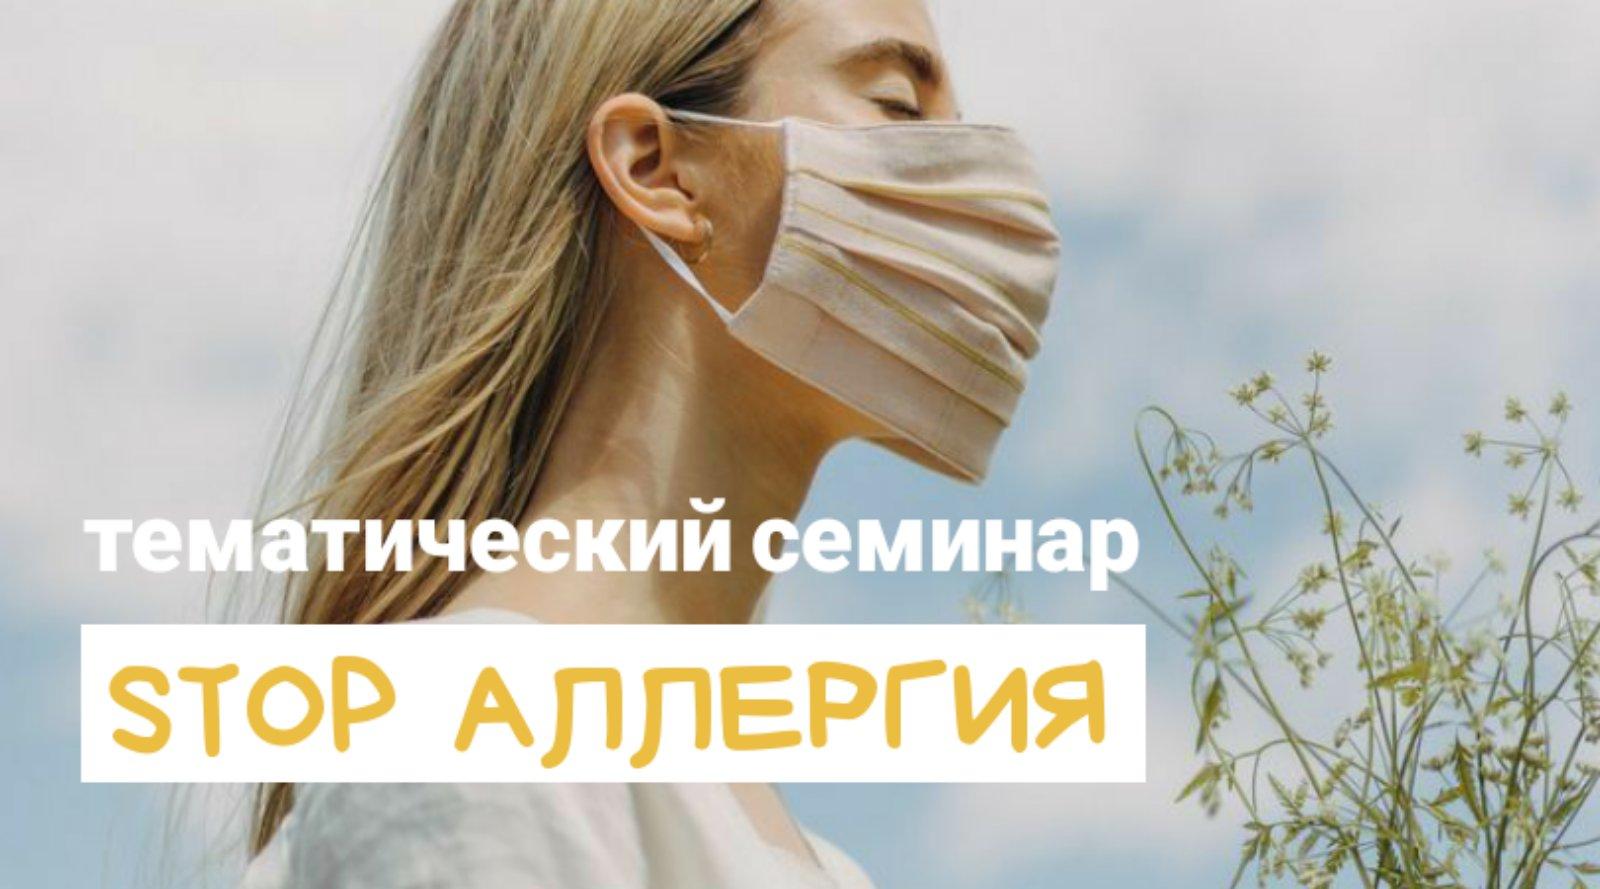 изображение_viber_2020-08-31_06-50-20